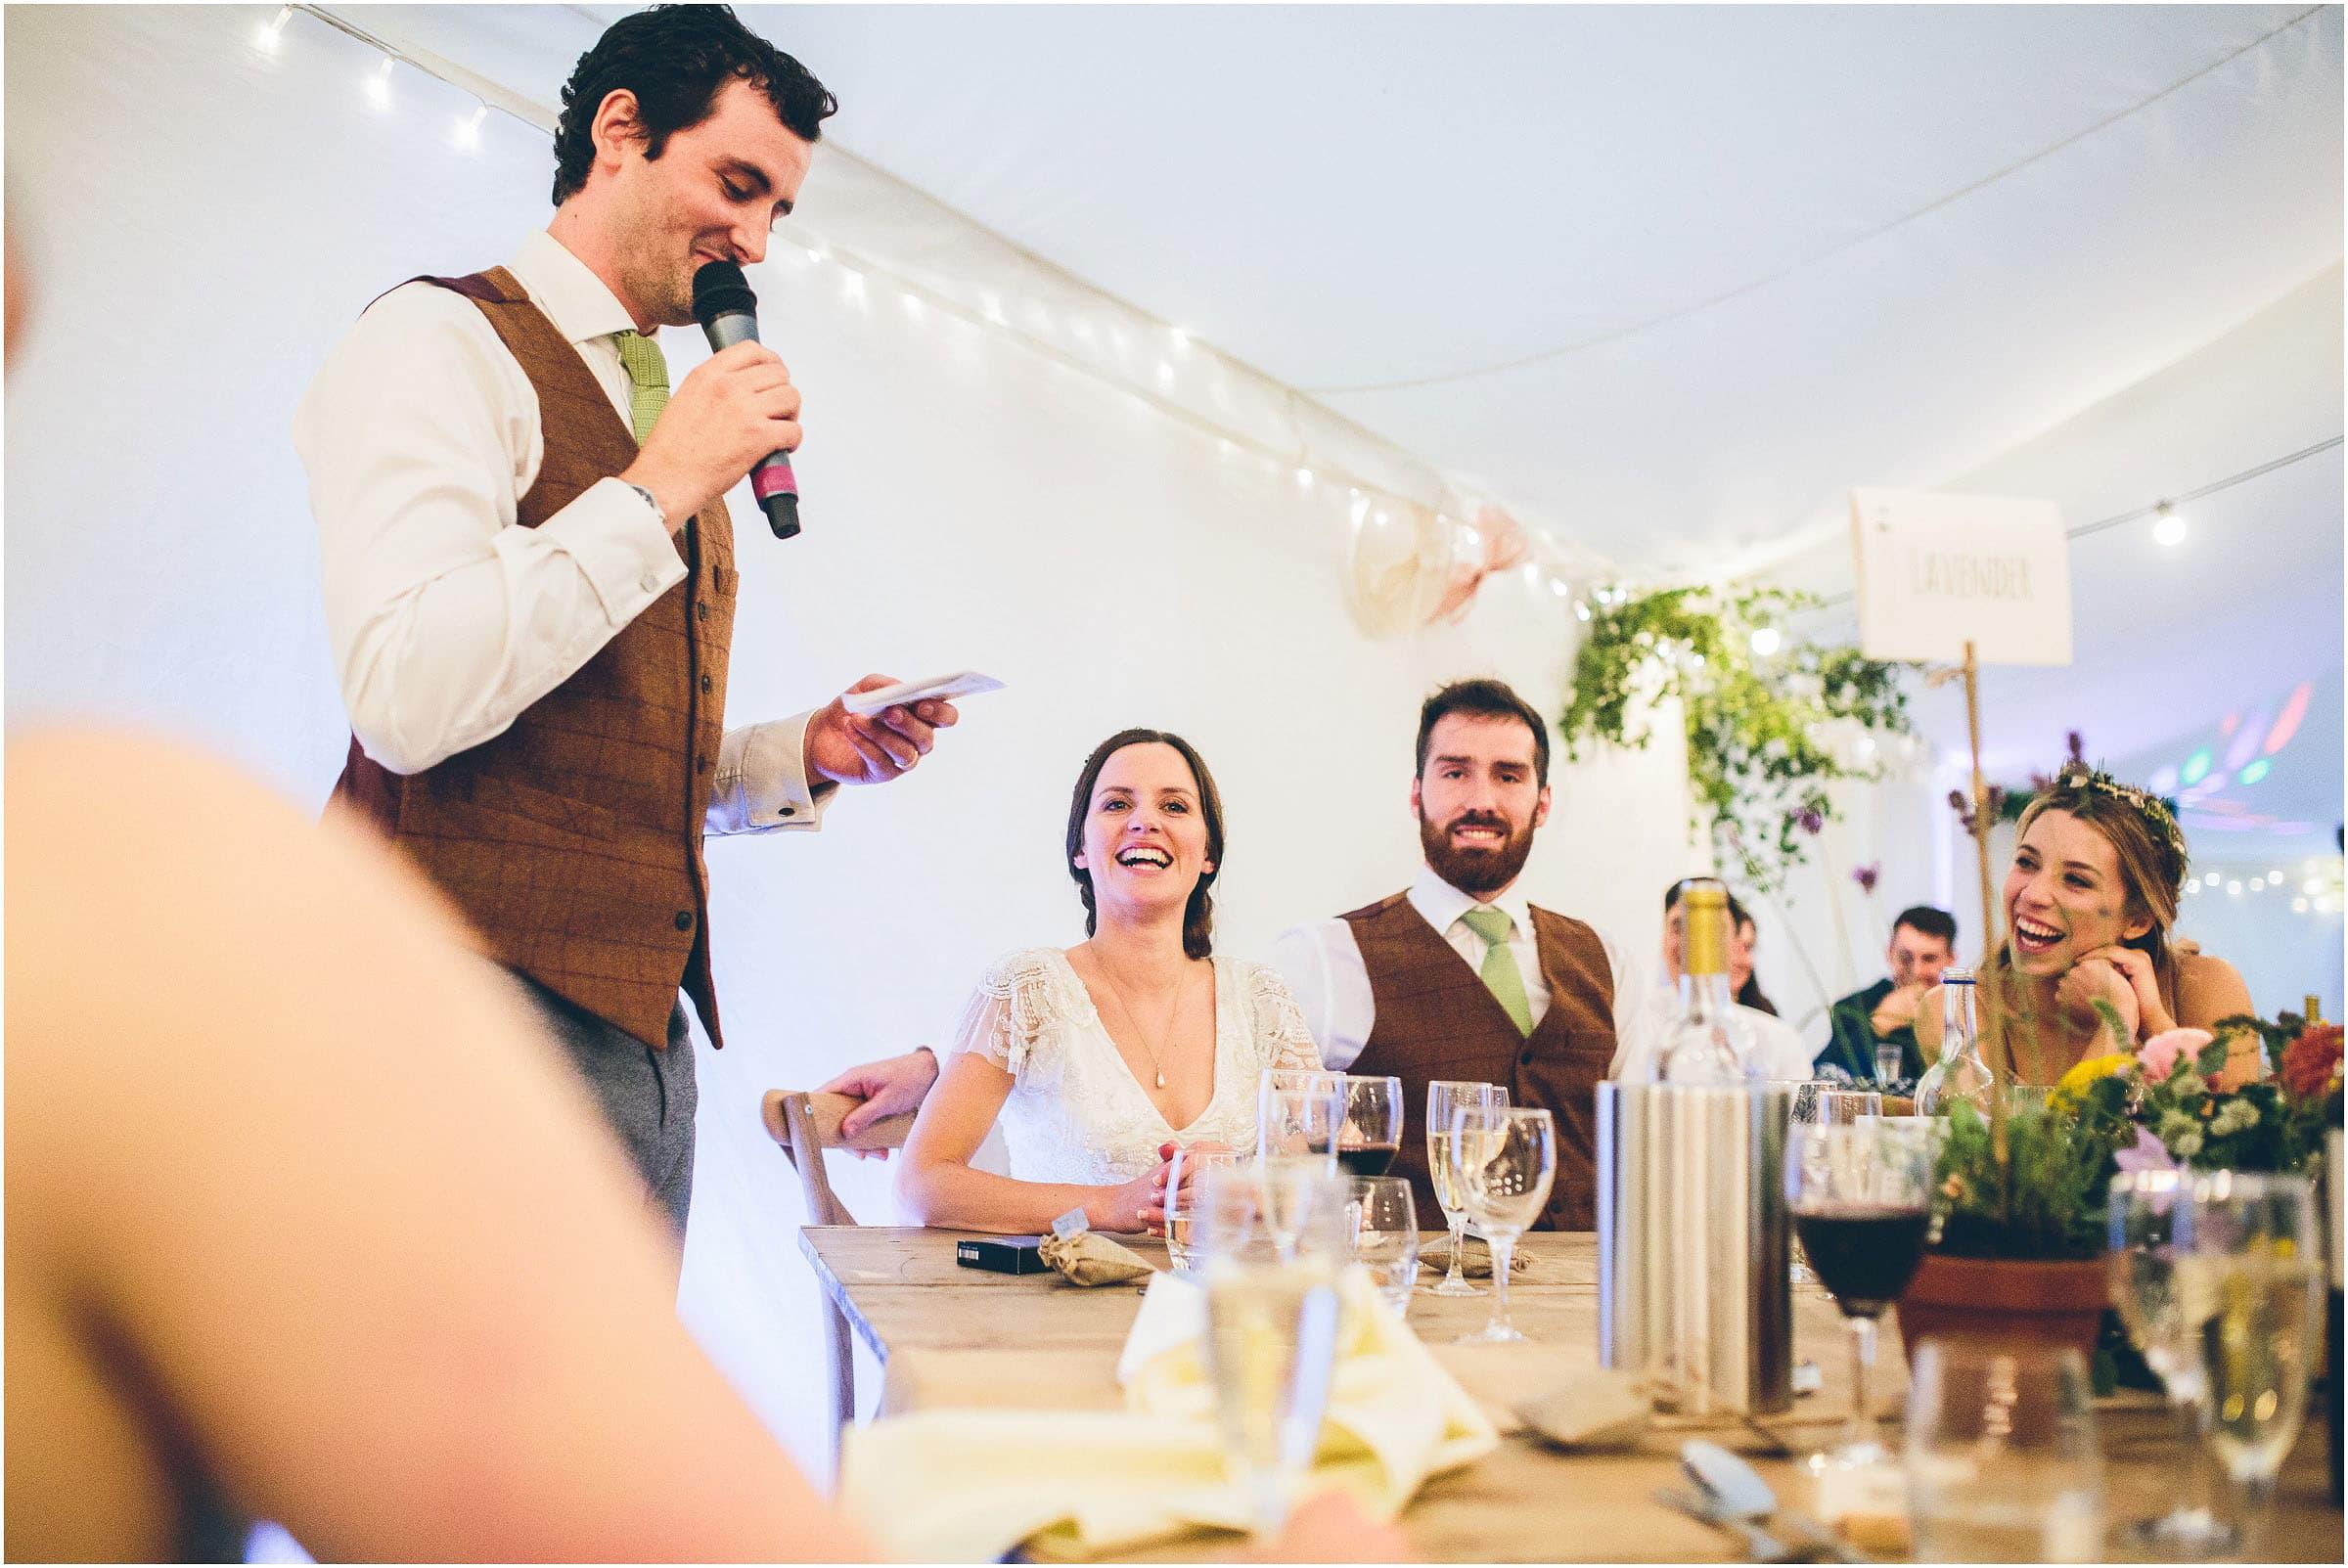 Harthill_Weddings_Wedding_Photography_0113